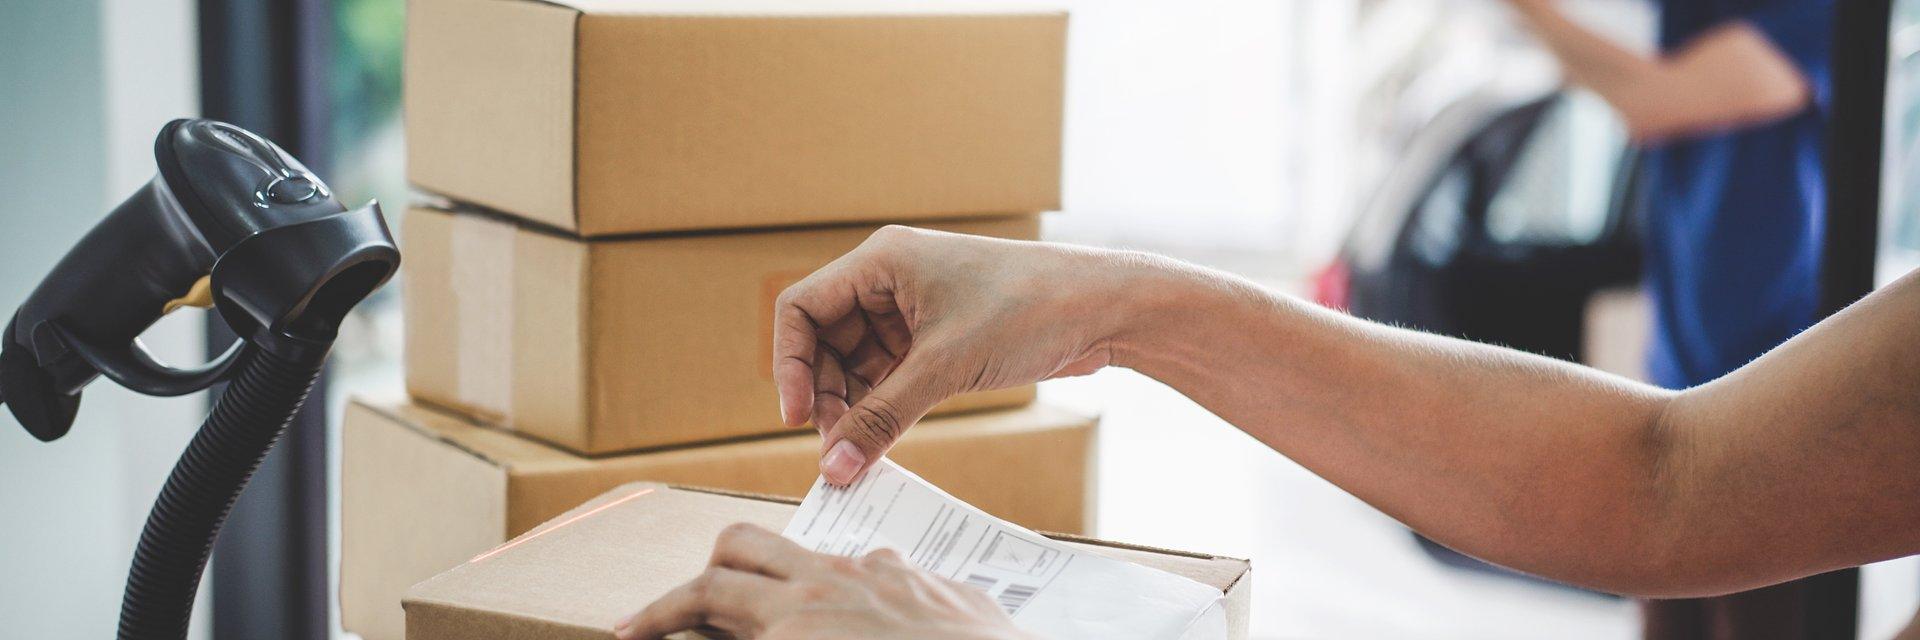 Raport o stanie rynku pocztowego 2020: rekordowe wyniki branży kurierskiej, w segmencie listowym spadki. Ale nie u alternatywnych operatorów.